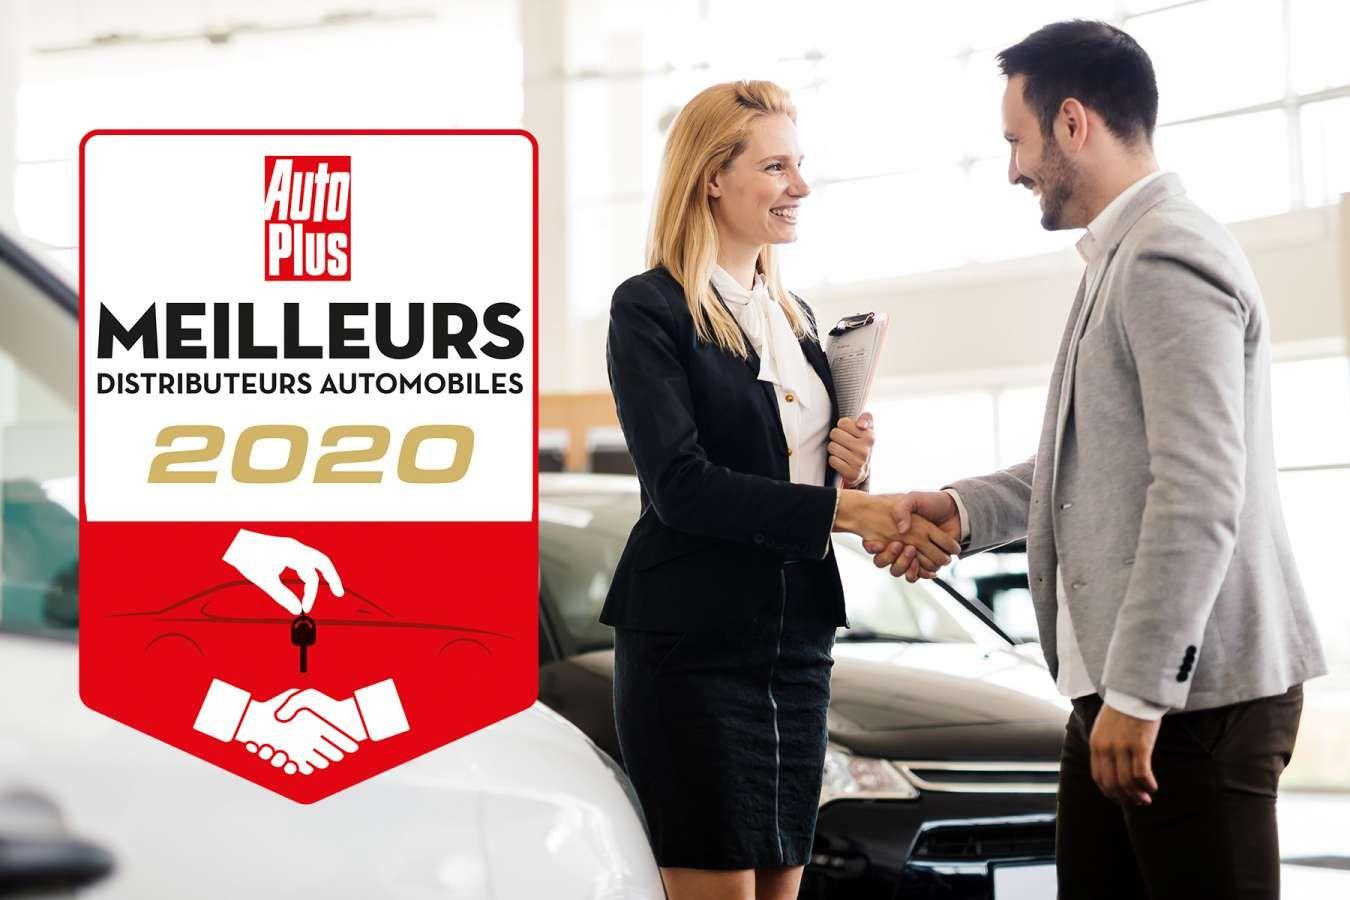 Meilleur Distributeur Automobile Automobile Peugeot Acheter Une Voiture